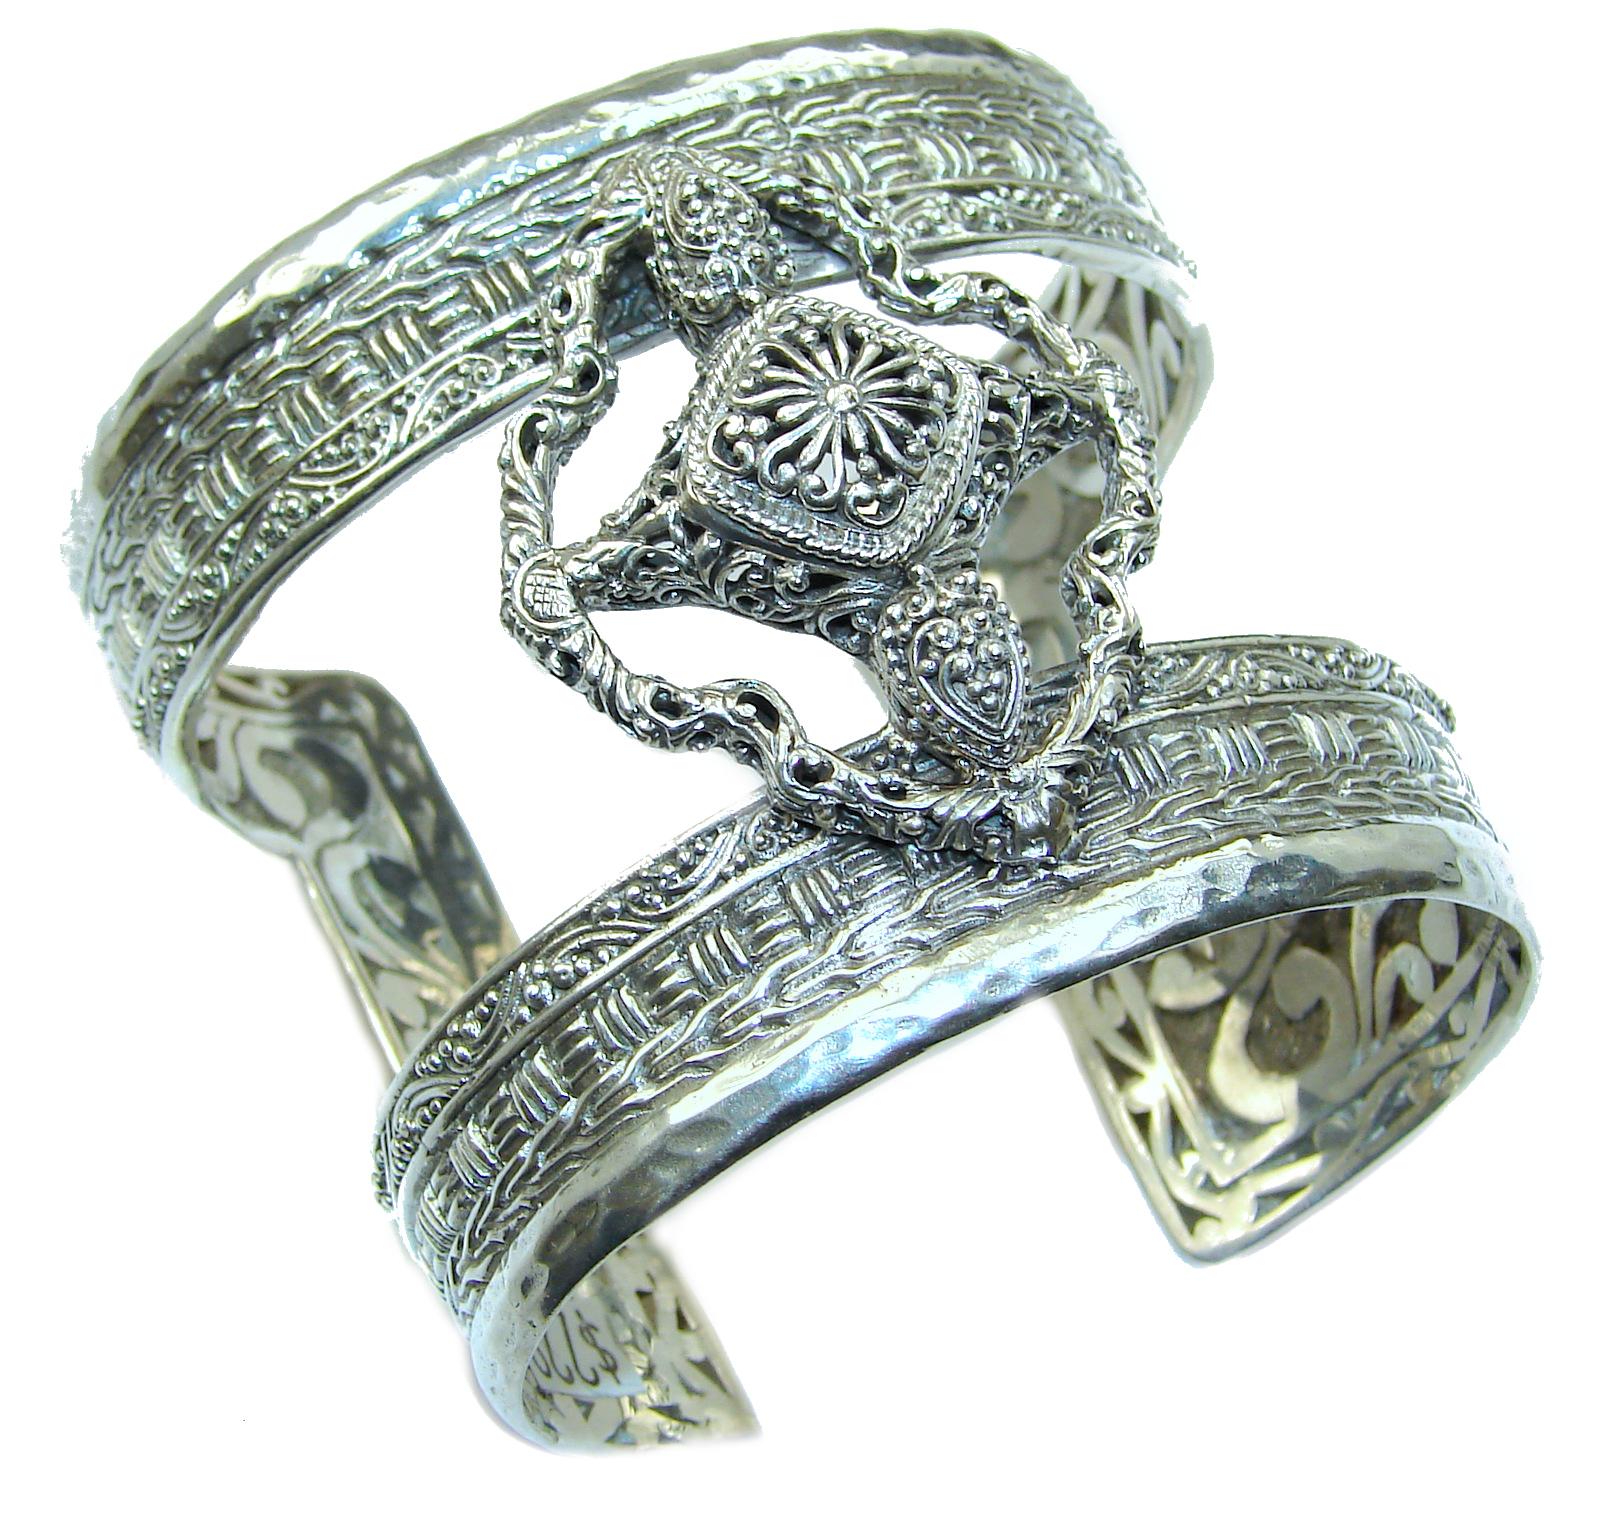 Huge 82.9 grams Celtic Cross  Design .925 Sterling Silver handcrafted Bracelet / Cuff